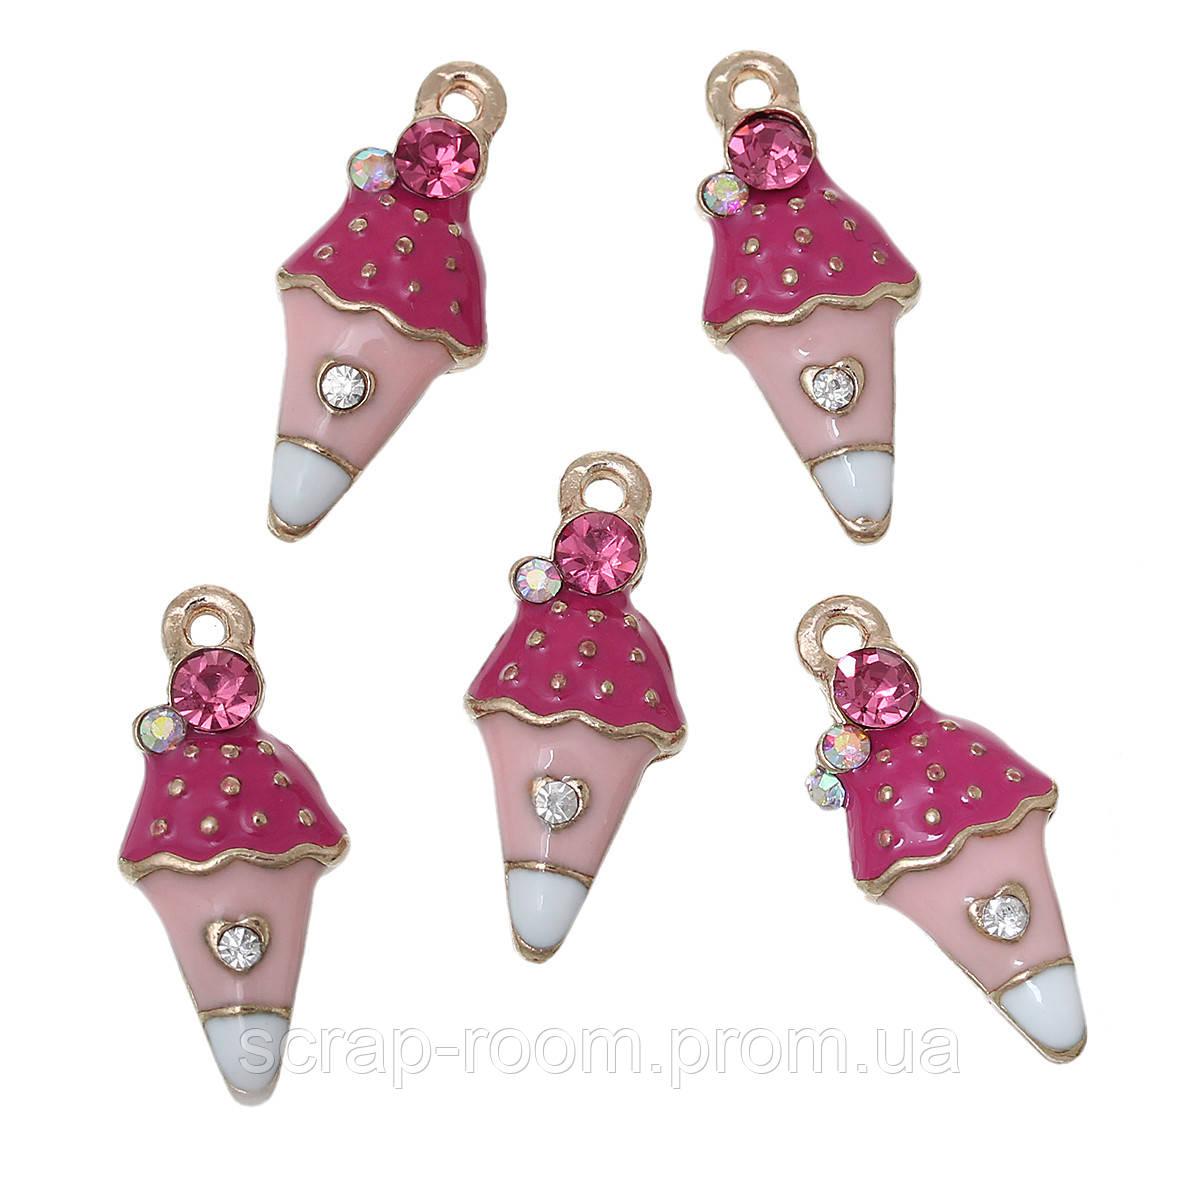 Подвеска позолоченная Мороженное розовое со стразами, подвеска с  цветной эмалью 23*10 мм